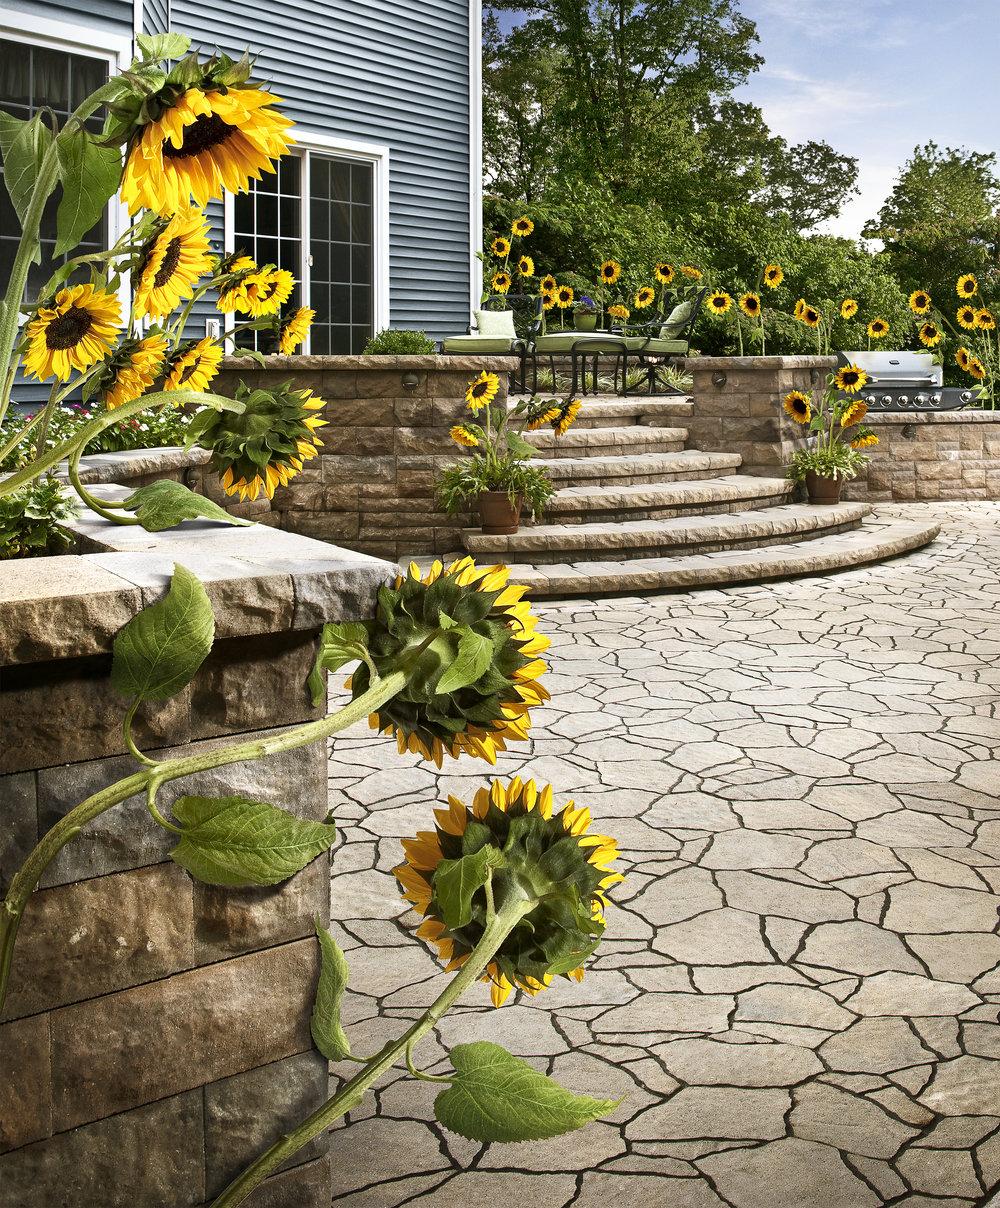 belgard_sunflowers@465.jpg